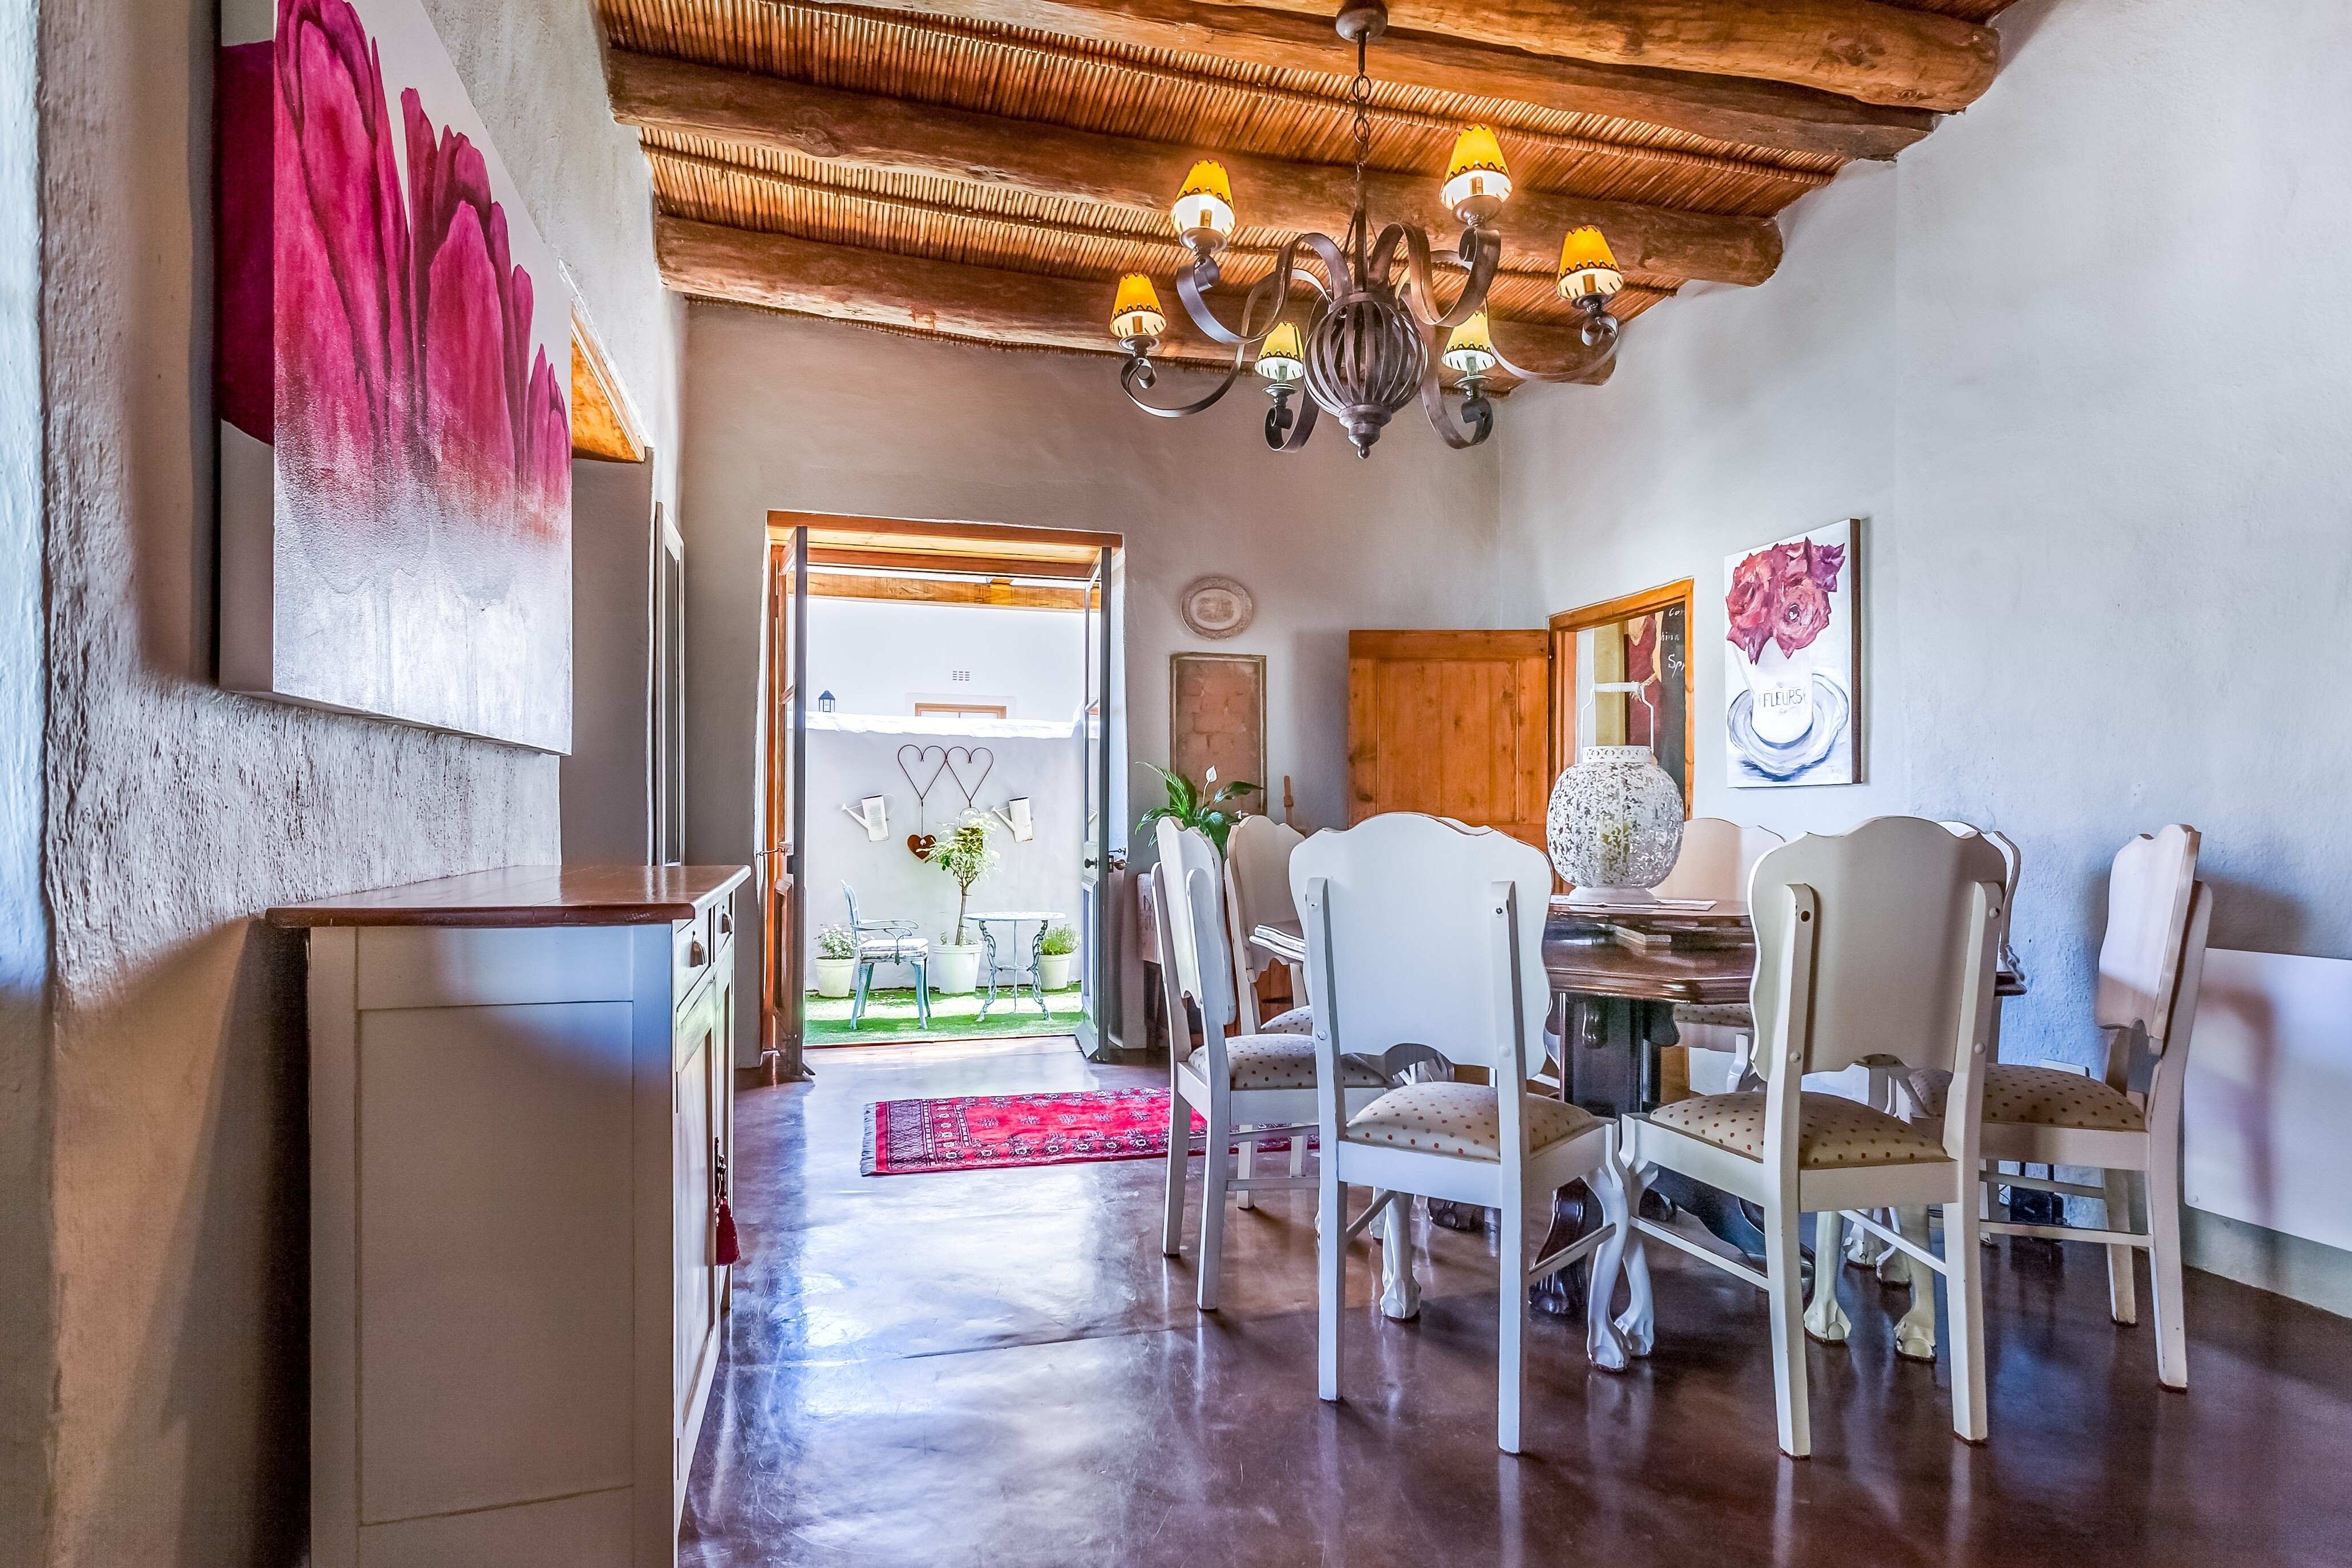 Стиль кантри в интерьере кухни: выбираем отделку, мебель и декор правильно